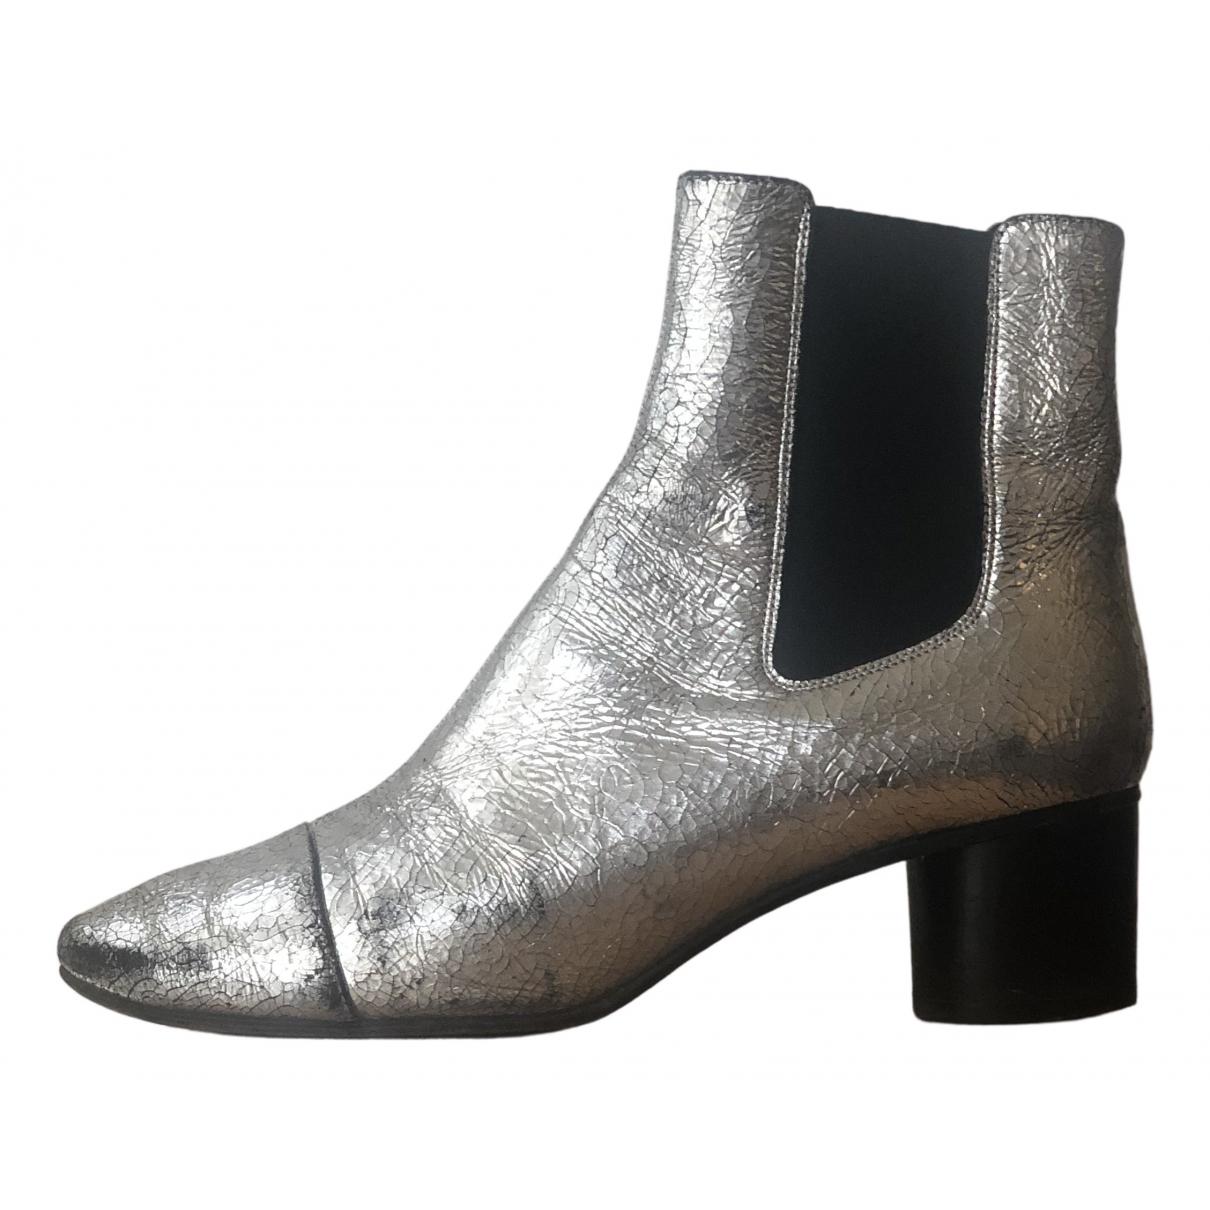 Isabel Marant - Boots Danae pour femme en cuir - argente